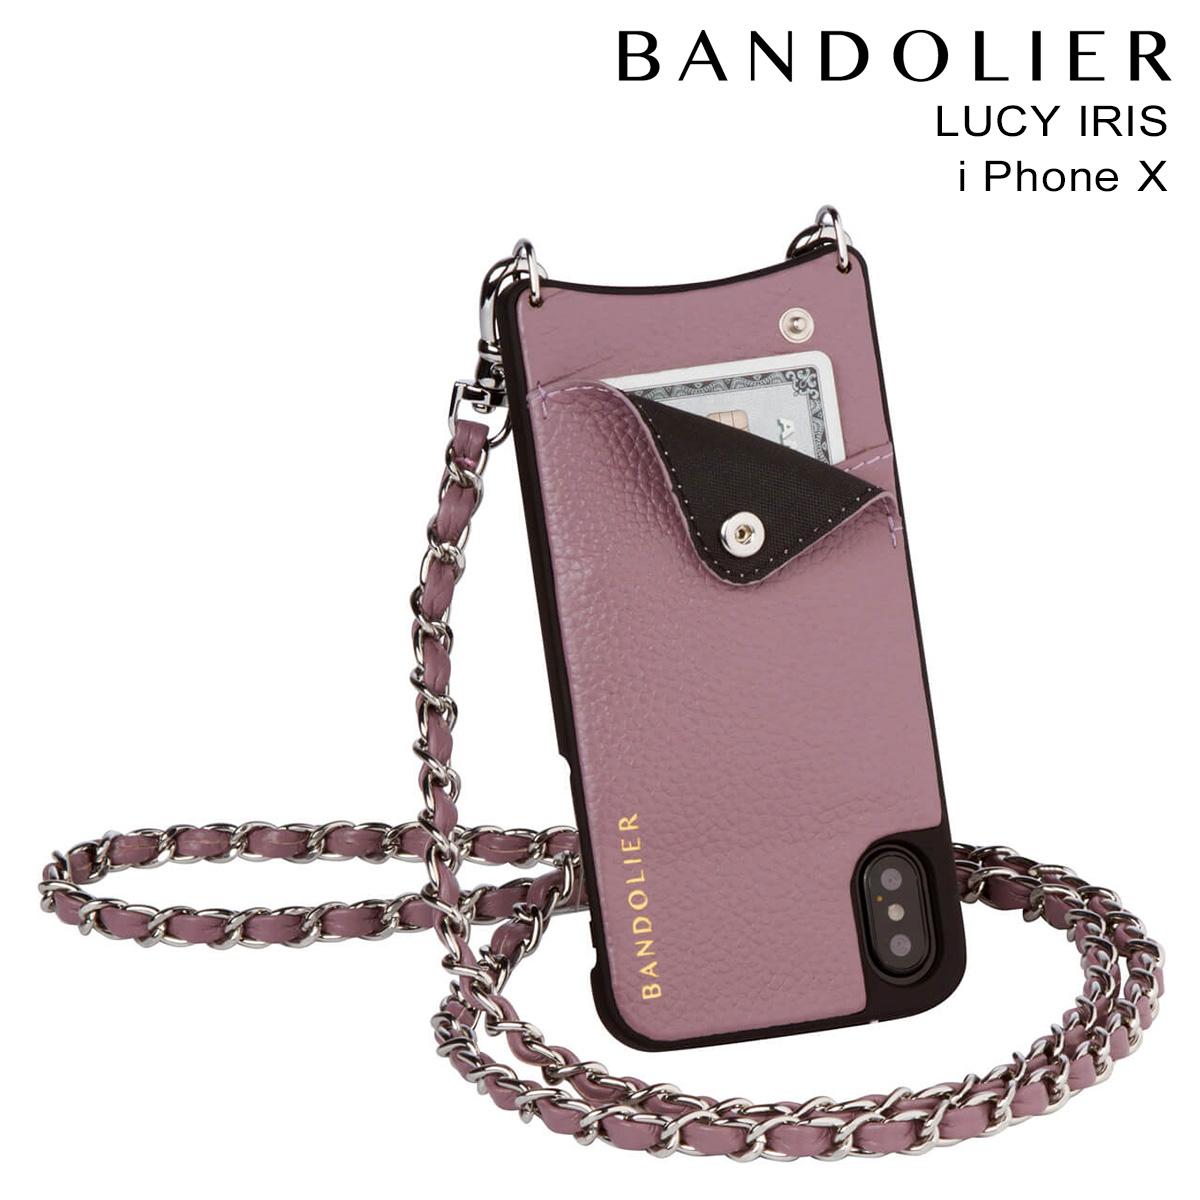 バンドリヤー BANDOLIER iPhoneX ケース スマホ アイフォン LUCY IRIS レザー メンズ レディース